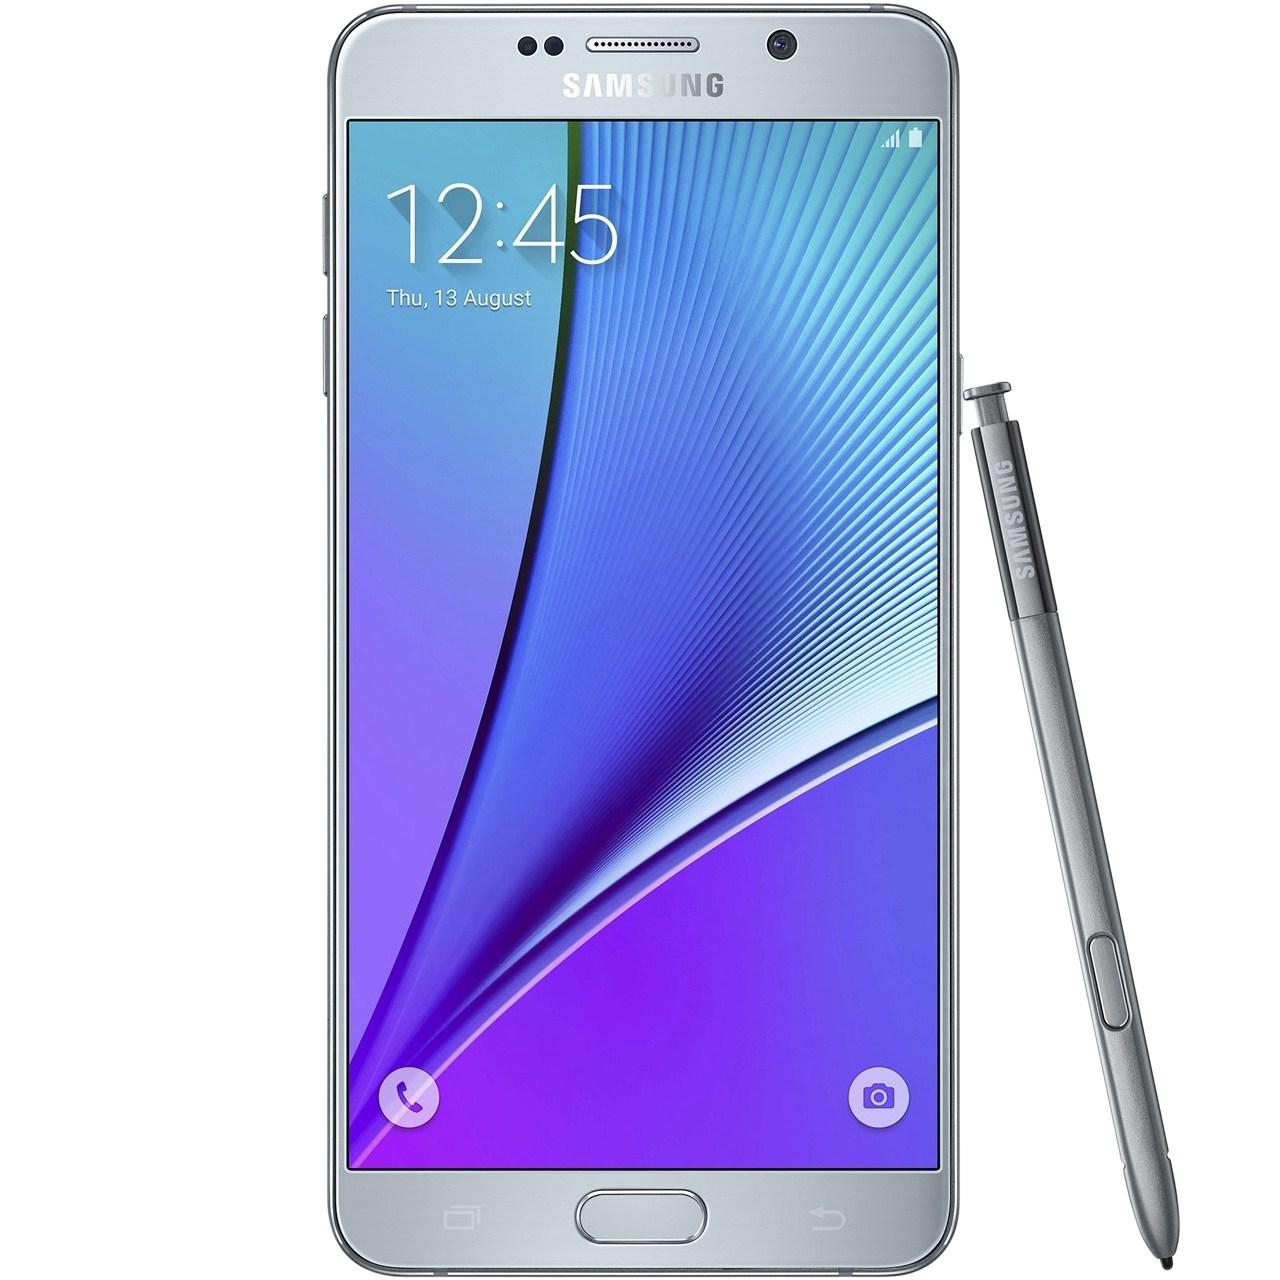 گوشي موبايل سامسونگ مدل Galaxy Note 5 SM-N920CD دو سيمکارت ظرفيت 32 گيگابايت